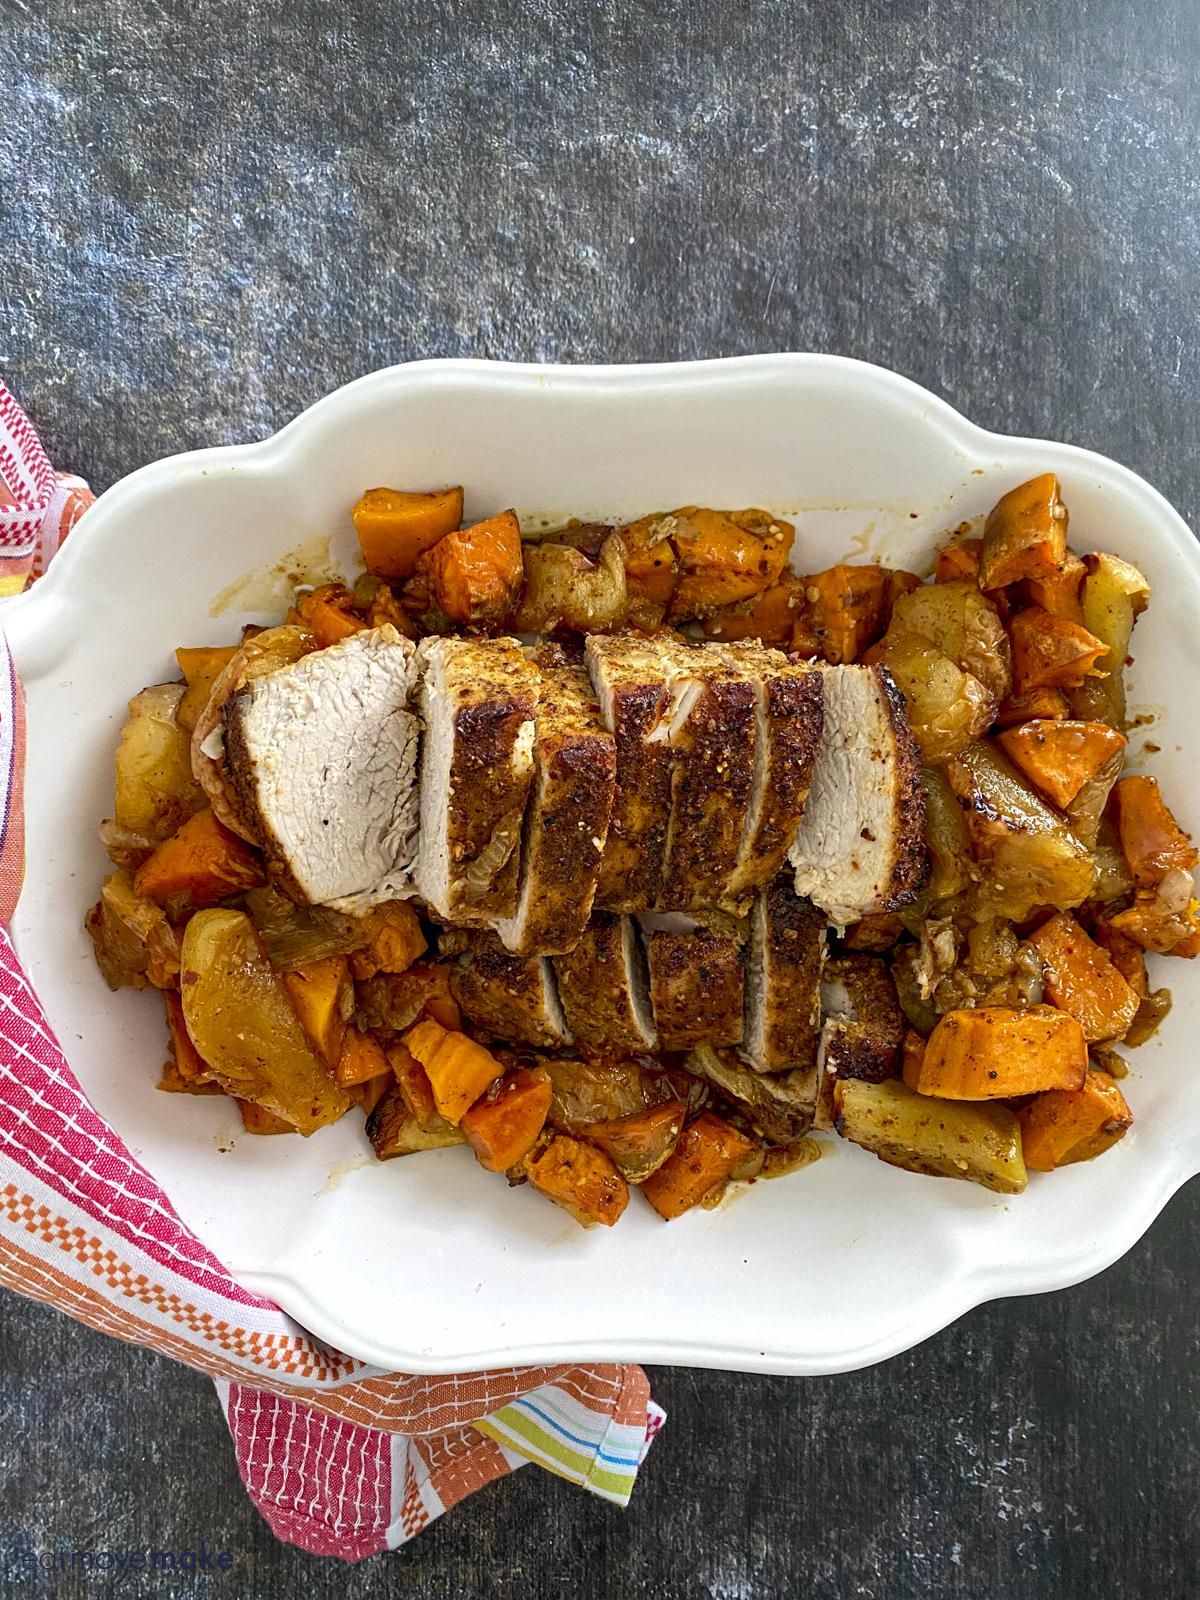 bourbon seasoned pork tenderloin with veggies in white serving dish